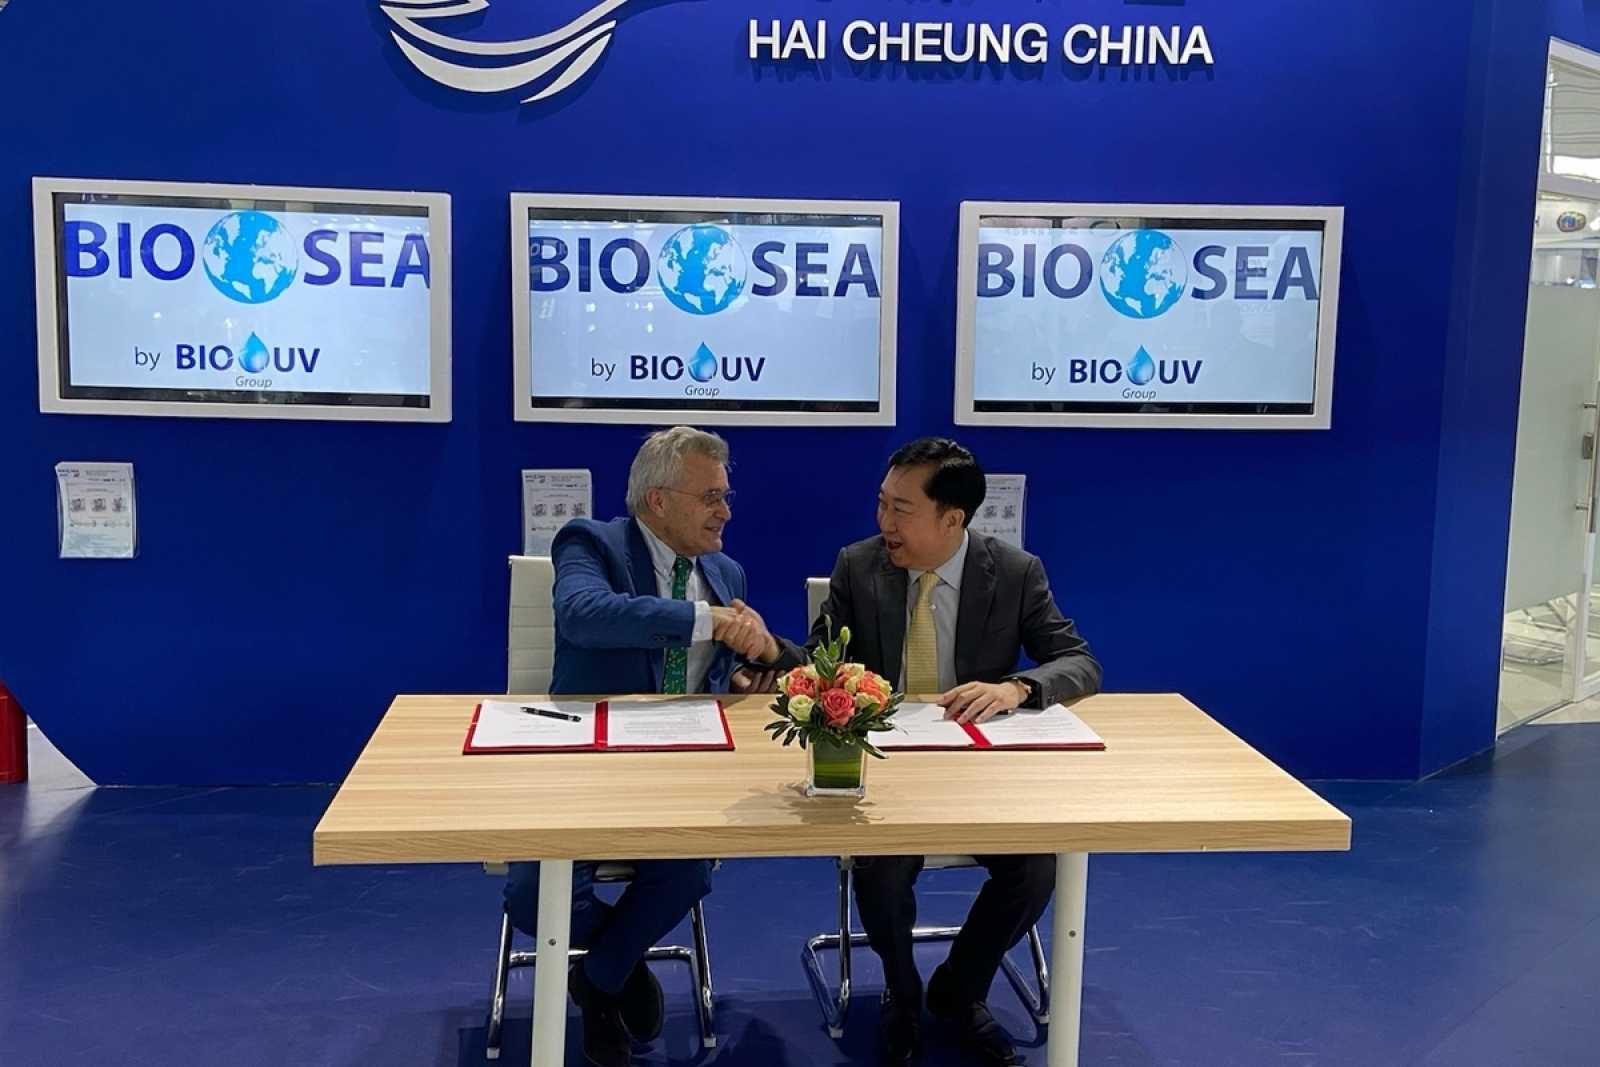 Bio china